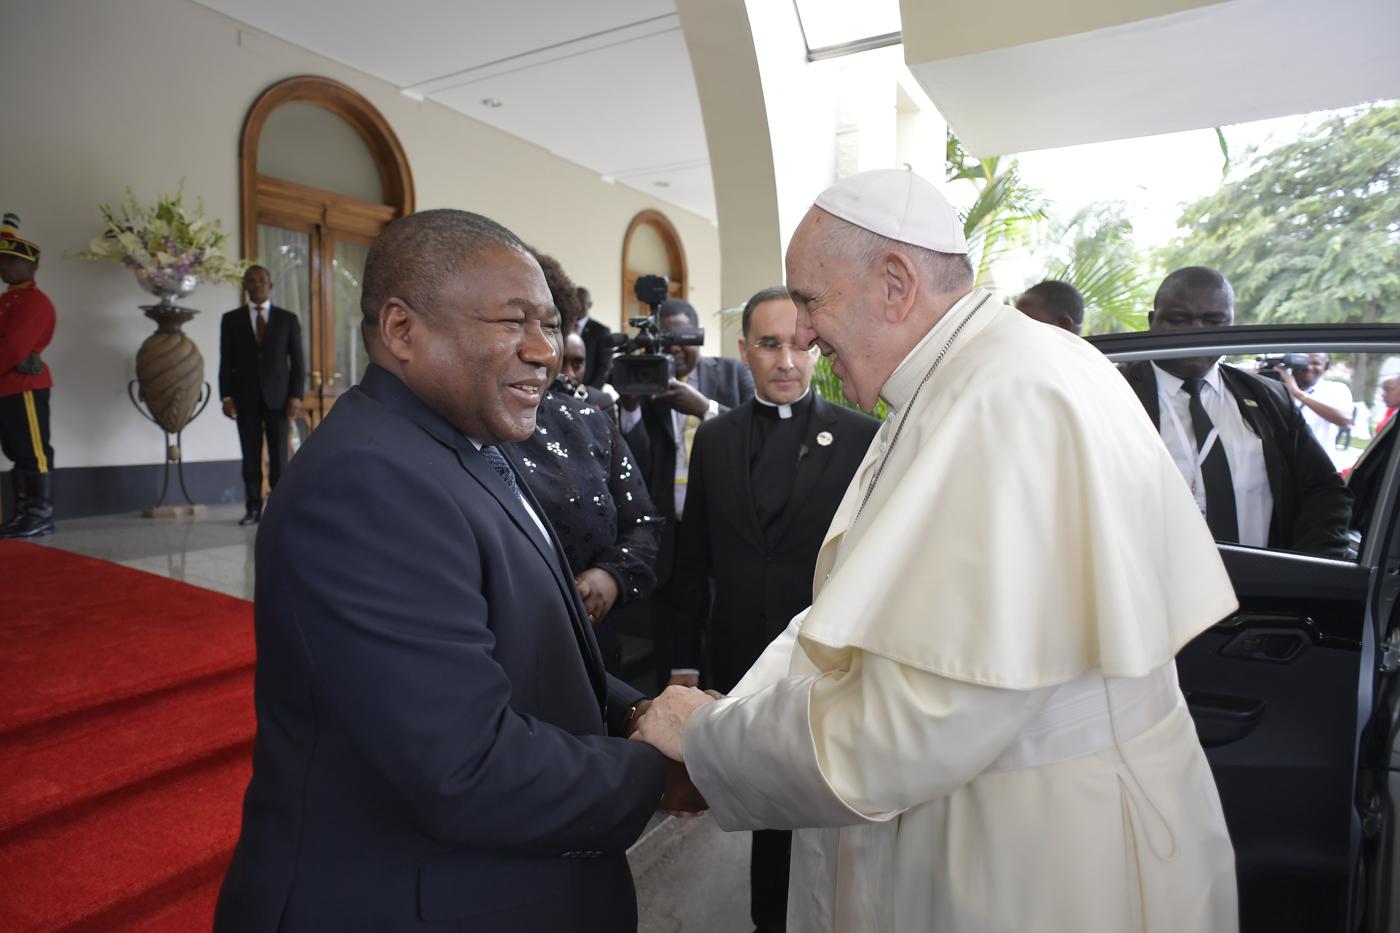 'Hòa bình không chỉ đơn thuần là vắng bóng chiến tranh, nhưng là một cam kết không mệt mỏi,' Đức Thánh Cha nhắc nhở các nhà chức trách của Mozambique (Toàn văn)